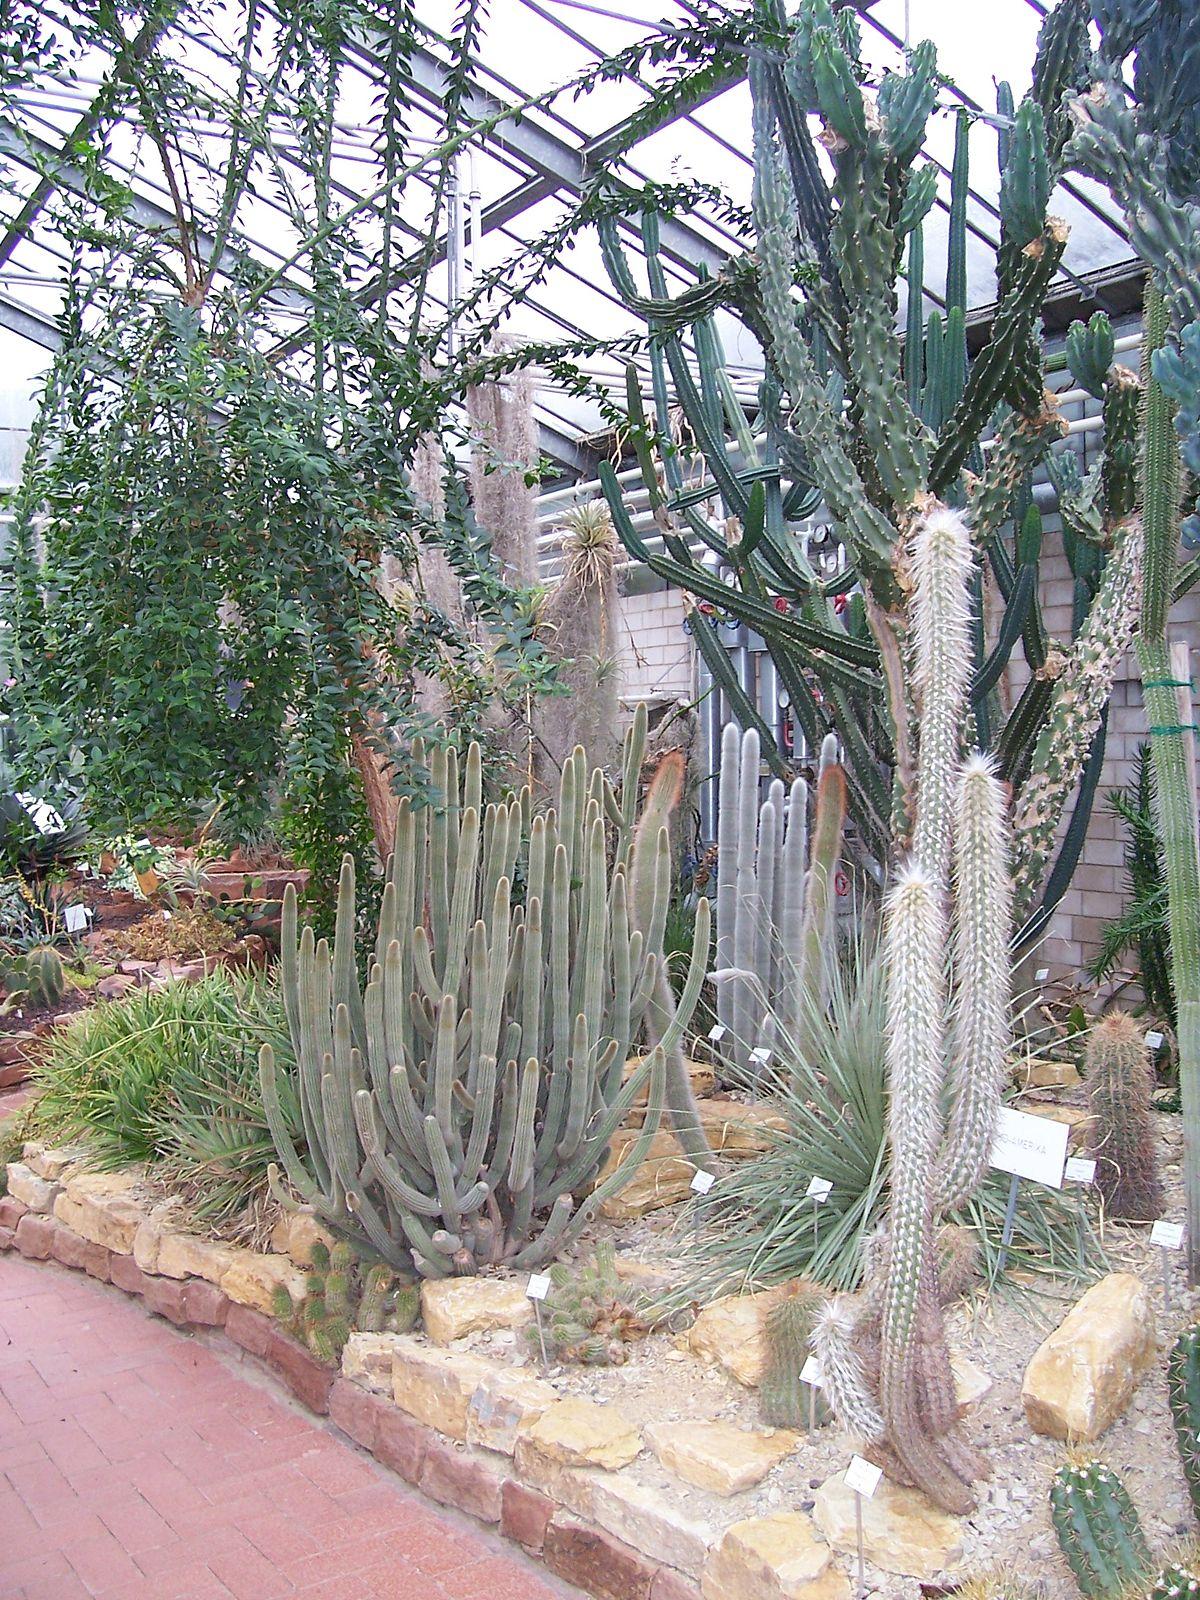 Botanischer Garten Marburg Inspirierend Plik Neuer Botanischer Garten Marburg Sukkulentenhaus 001